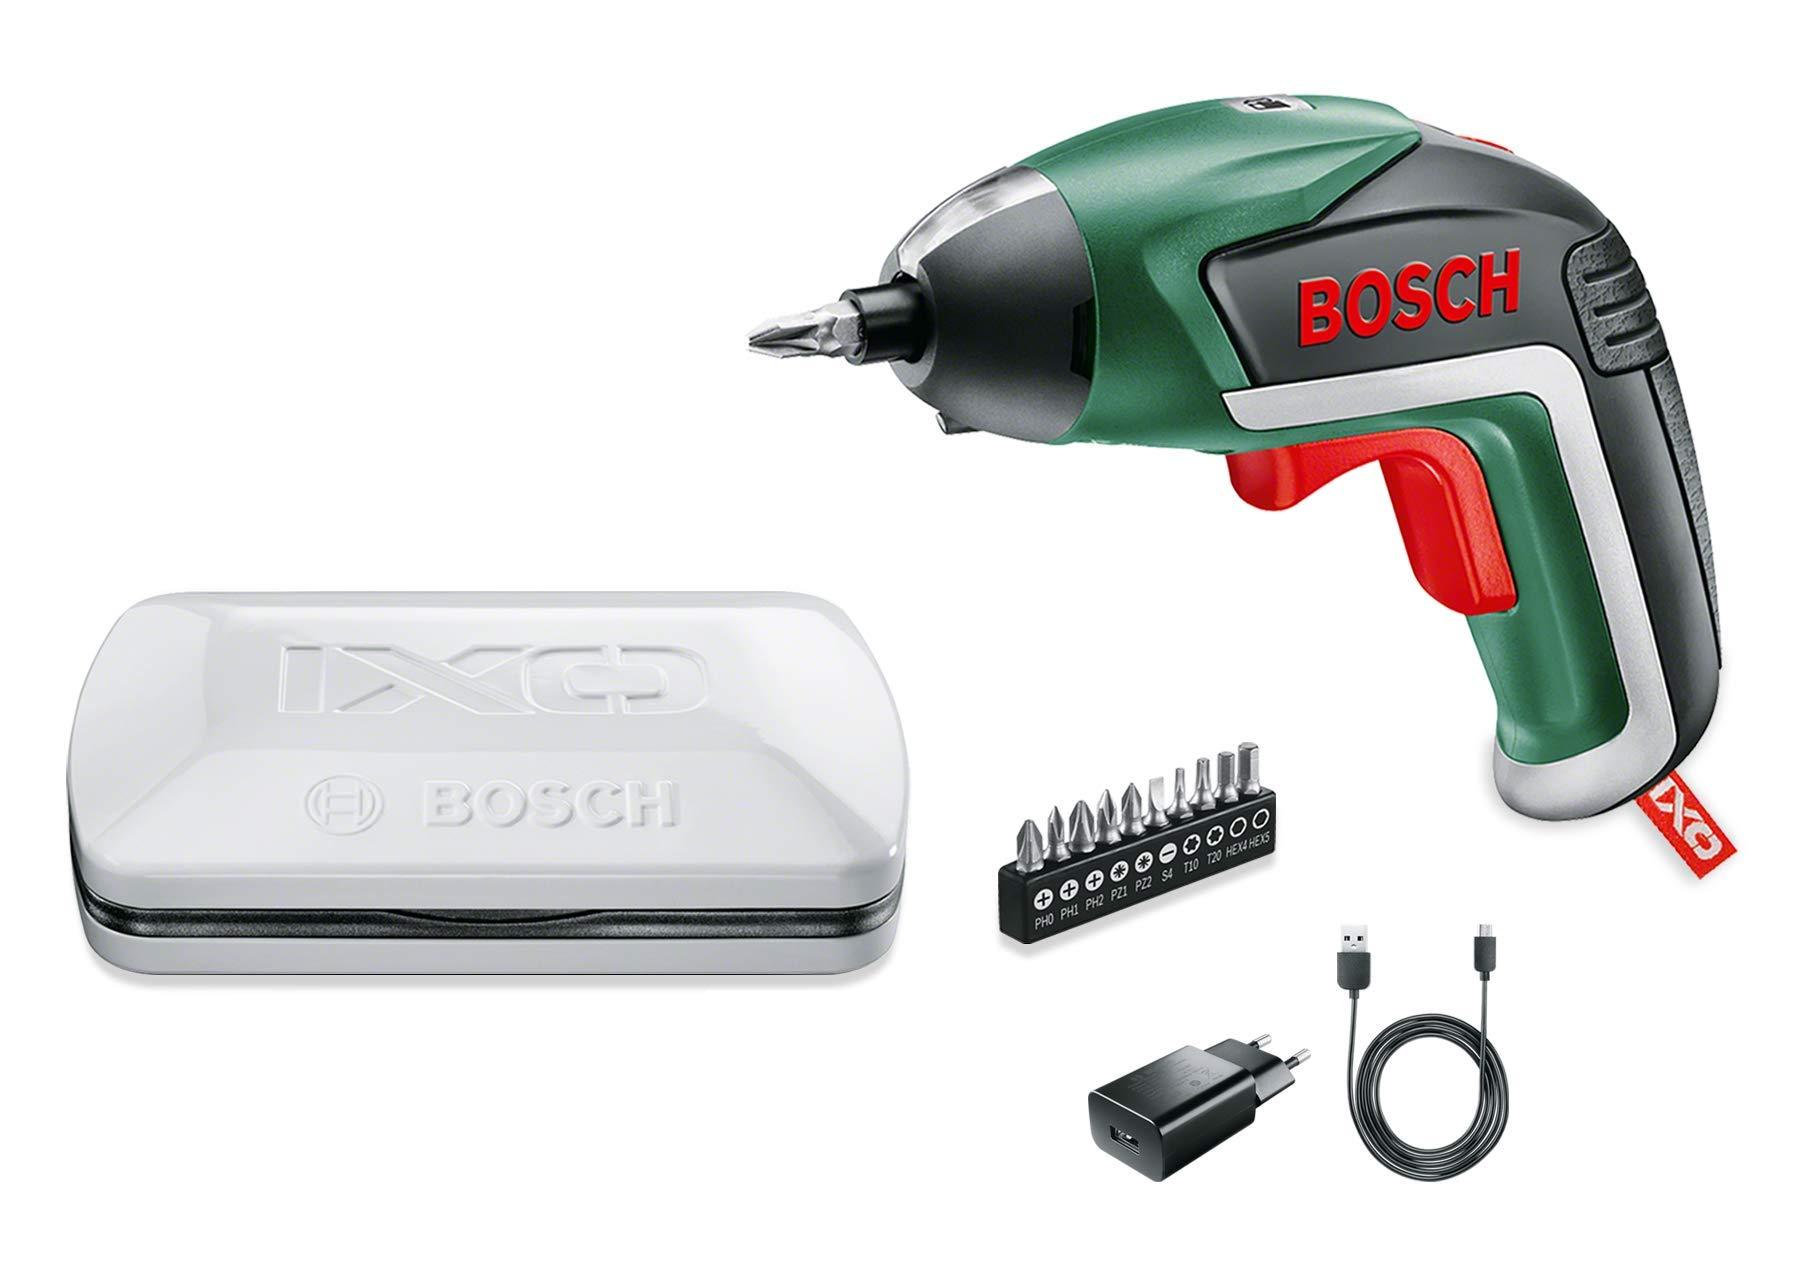 Bosch-Akkuschrauber-IXO